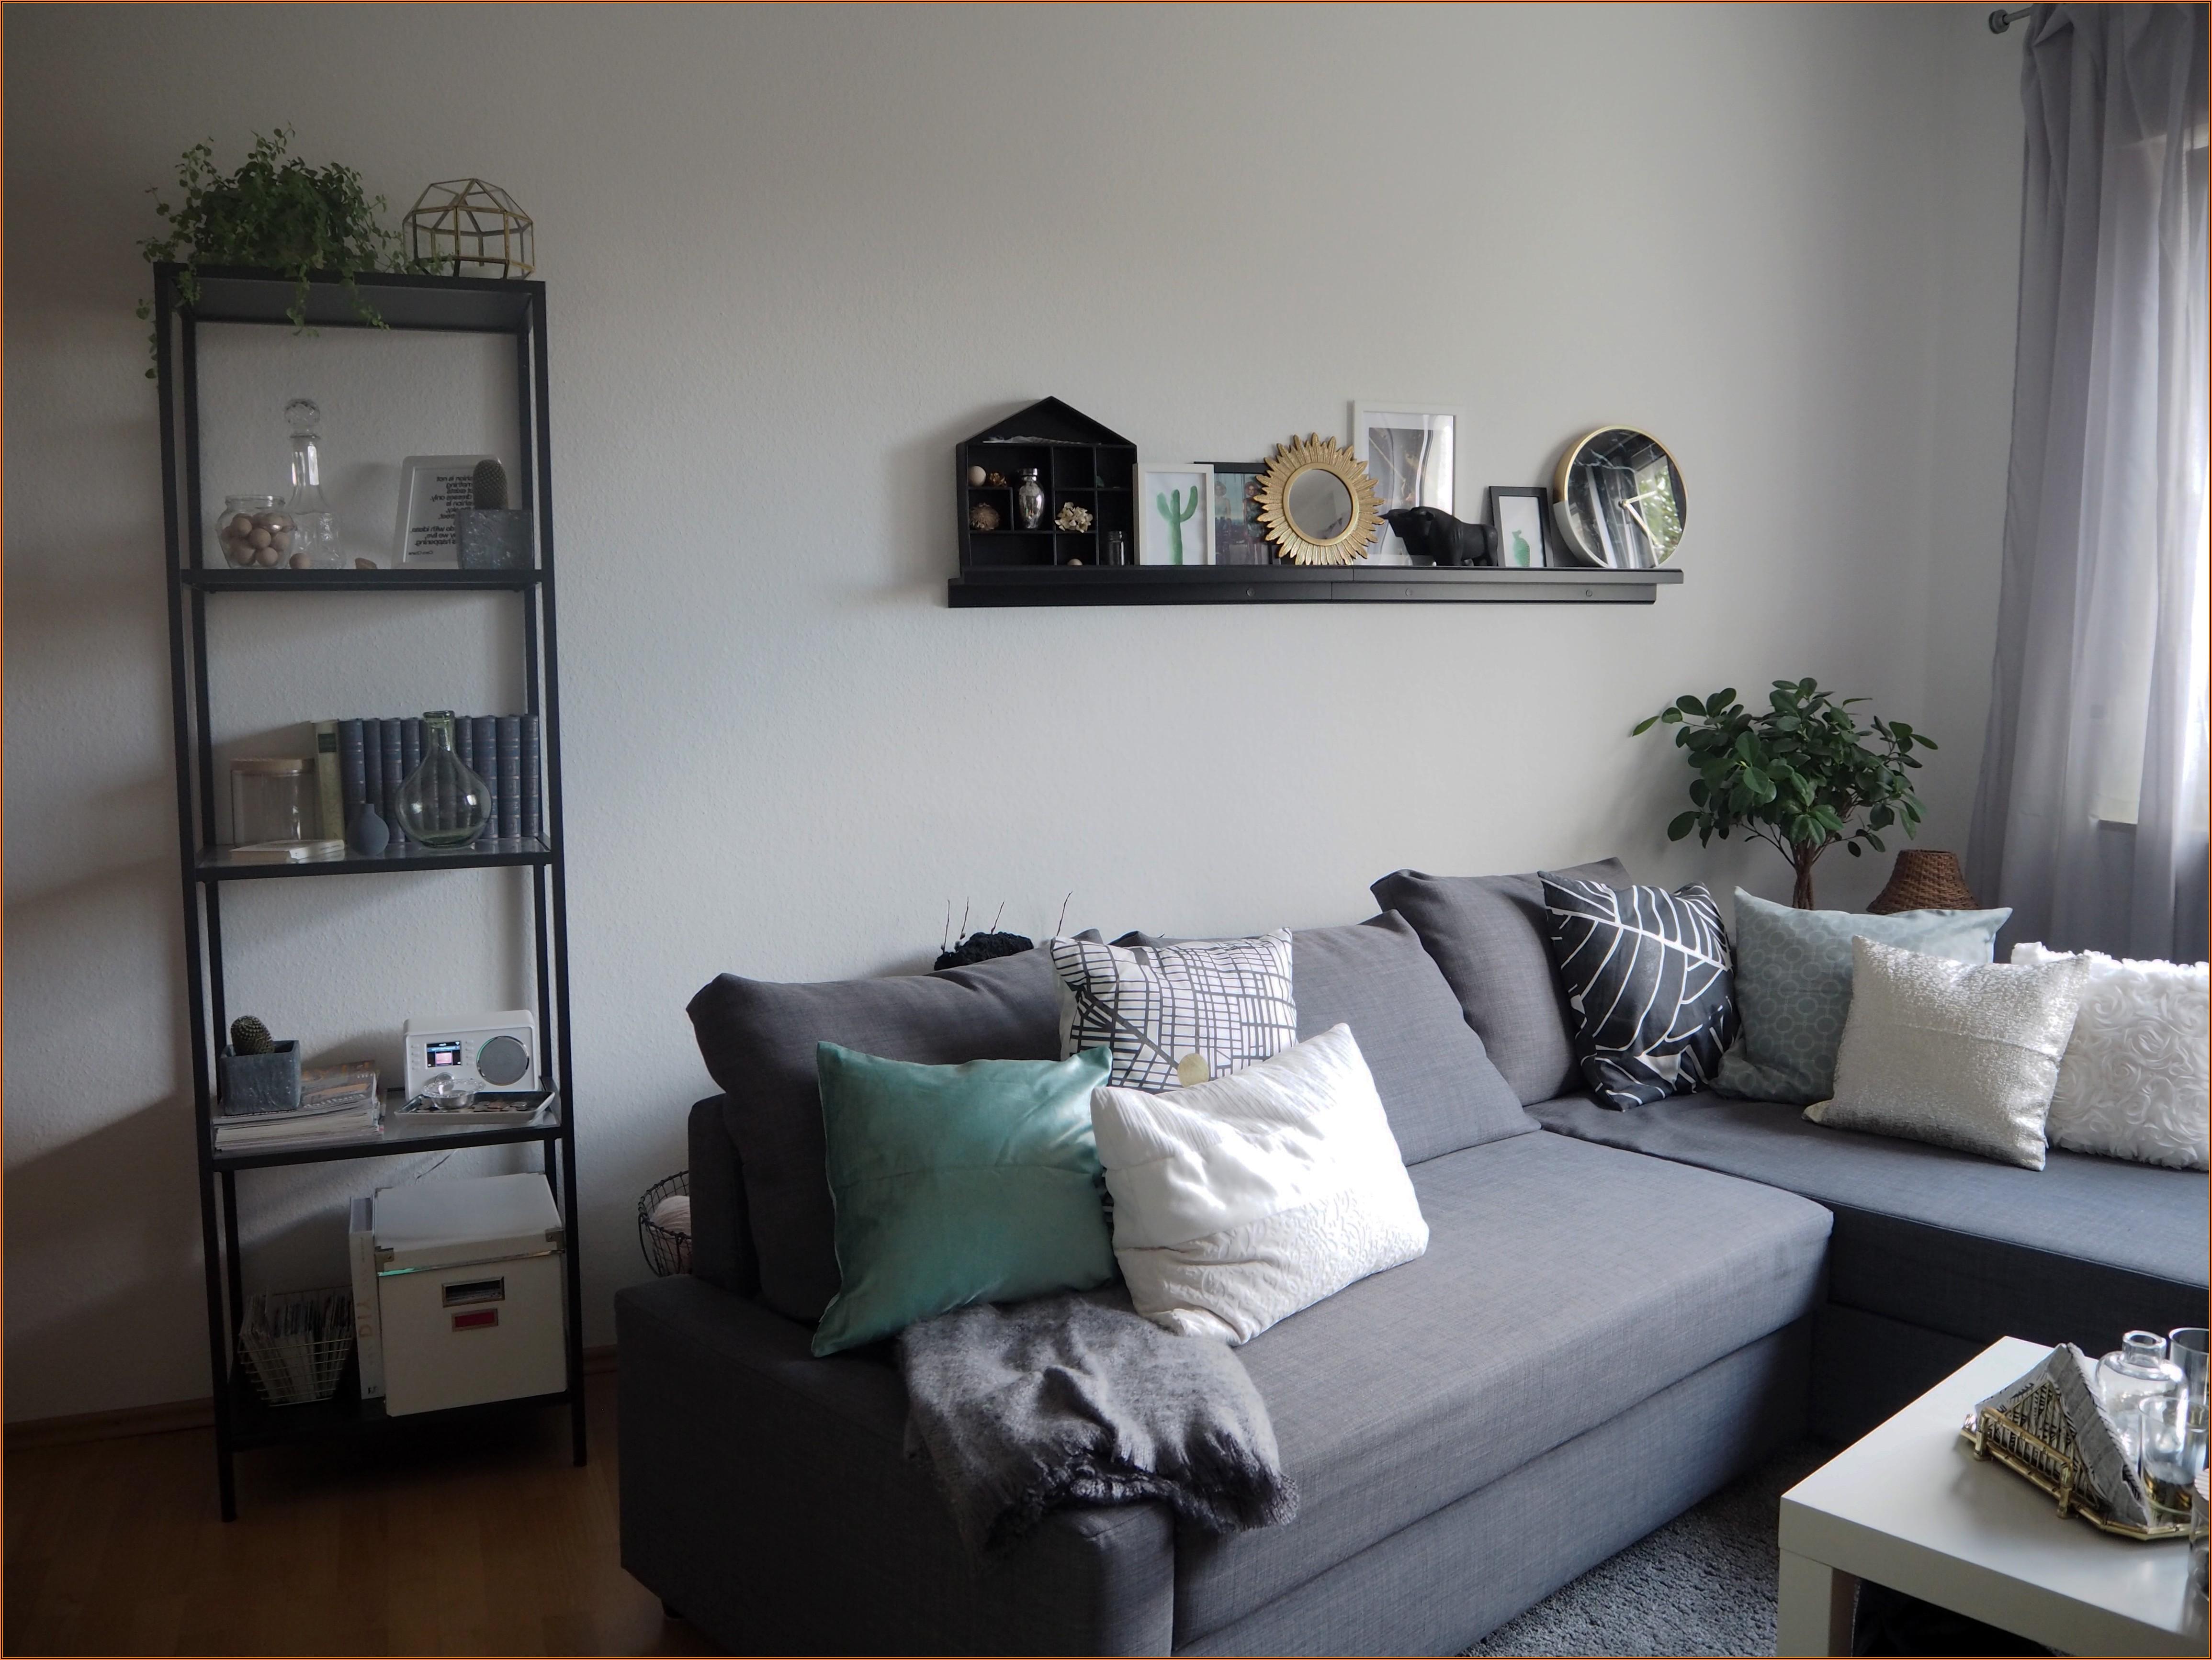 Wohnzimmer Deko Grau Grün